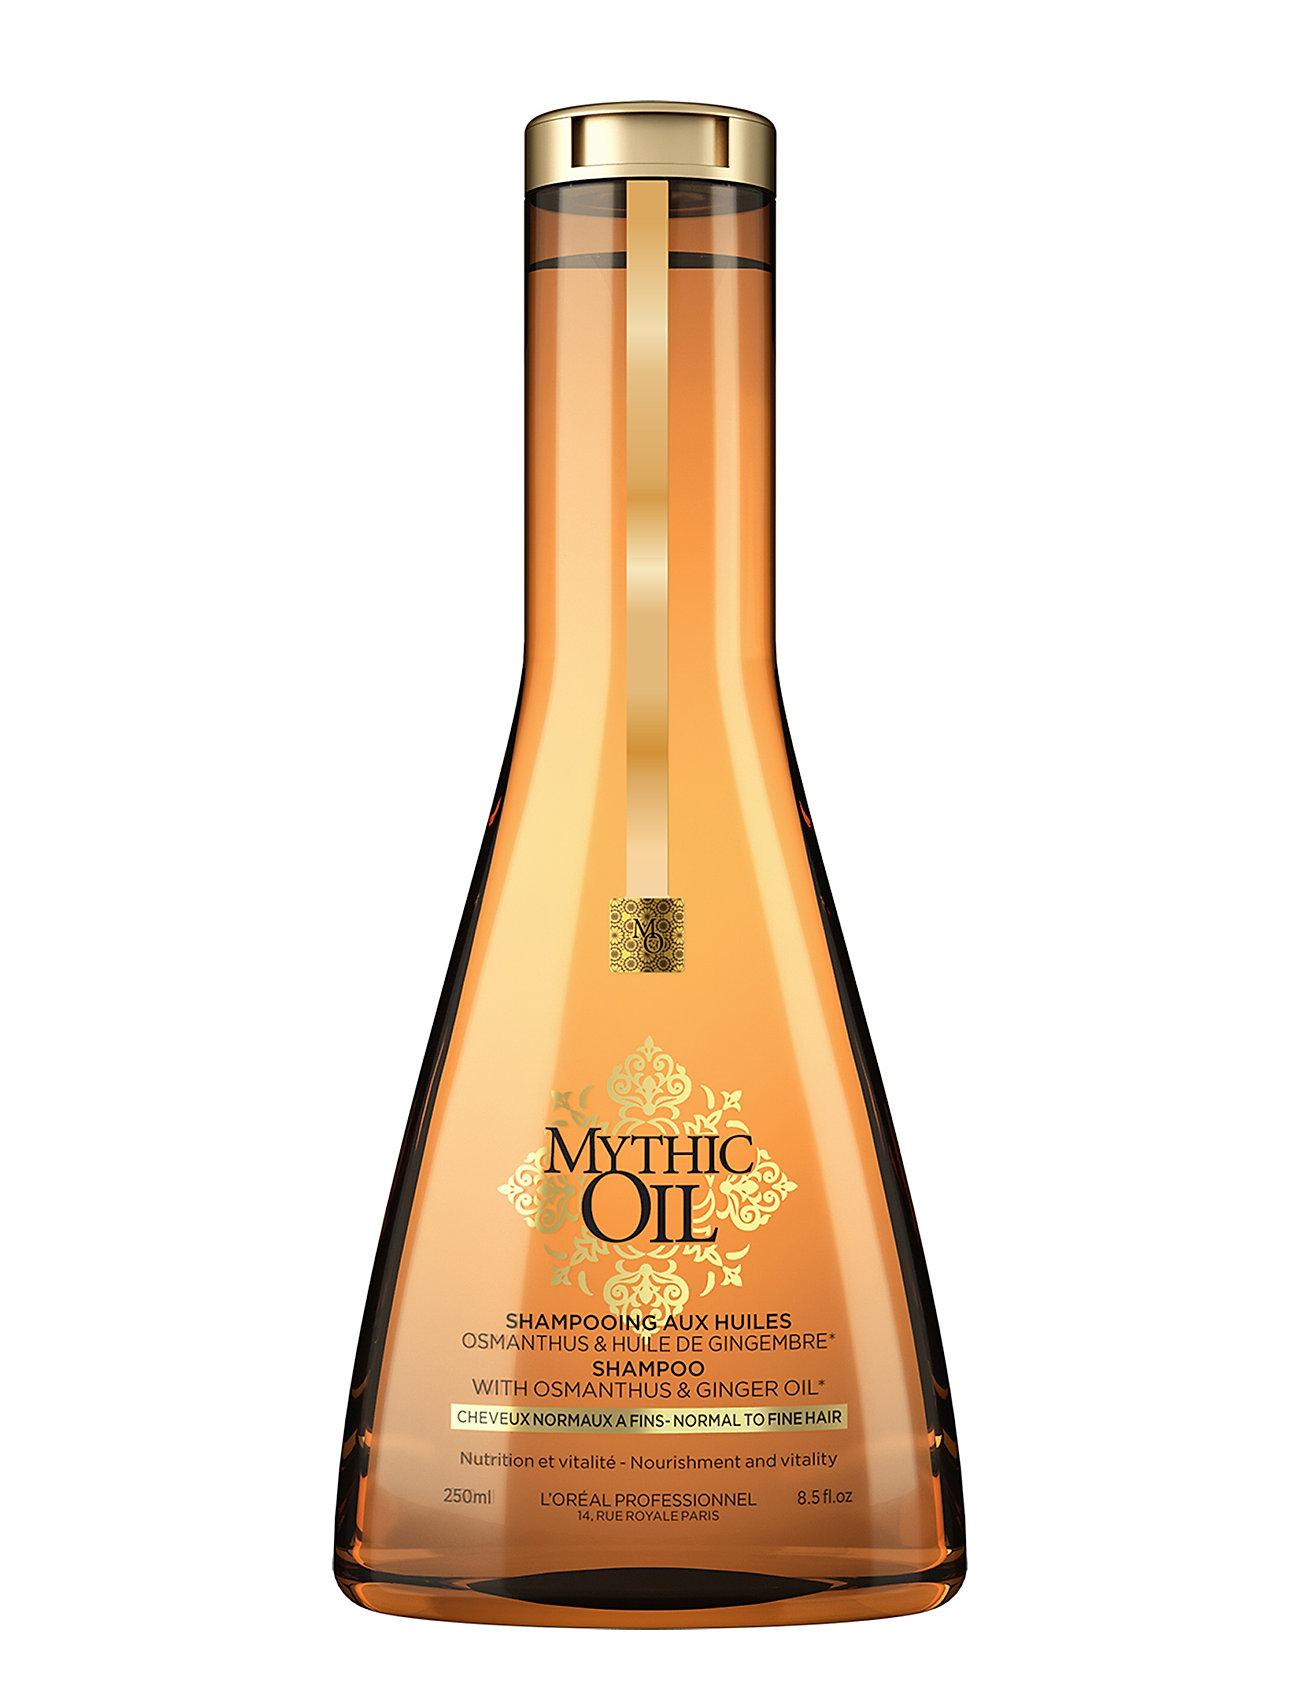 L'OréAl Professionnel Mythic Oil Huile Shampoo - L'Oréal Professionnel